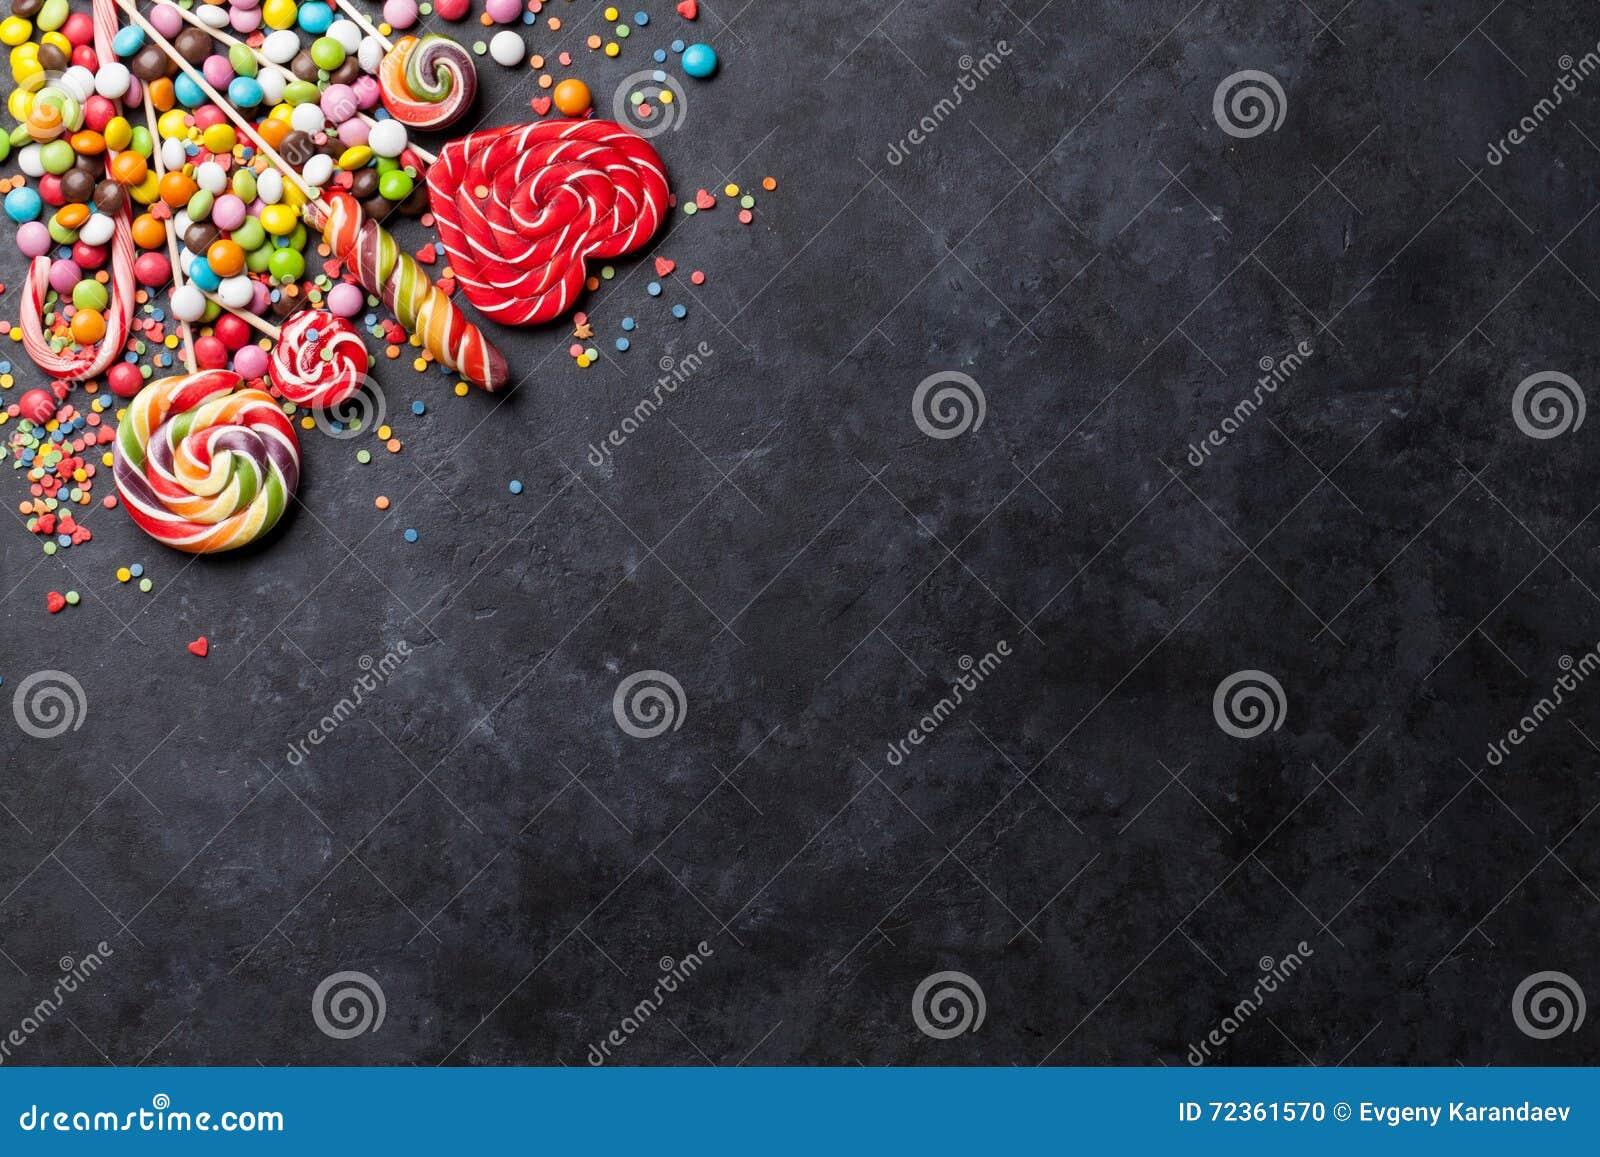 五颜六色的糖果和棒棒糖在石头